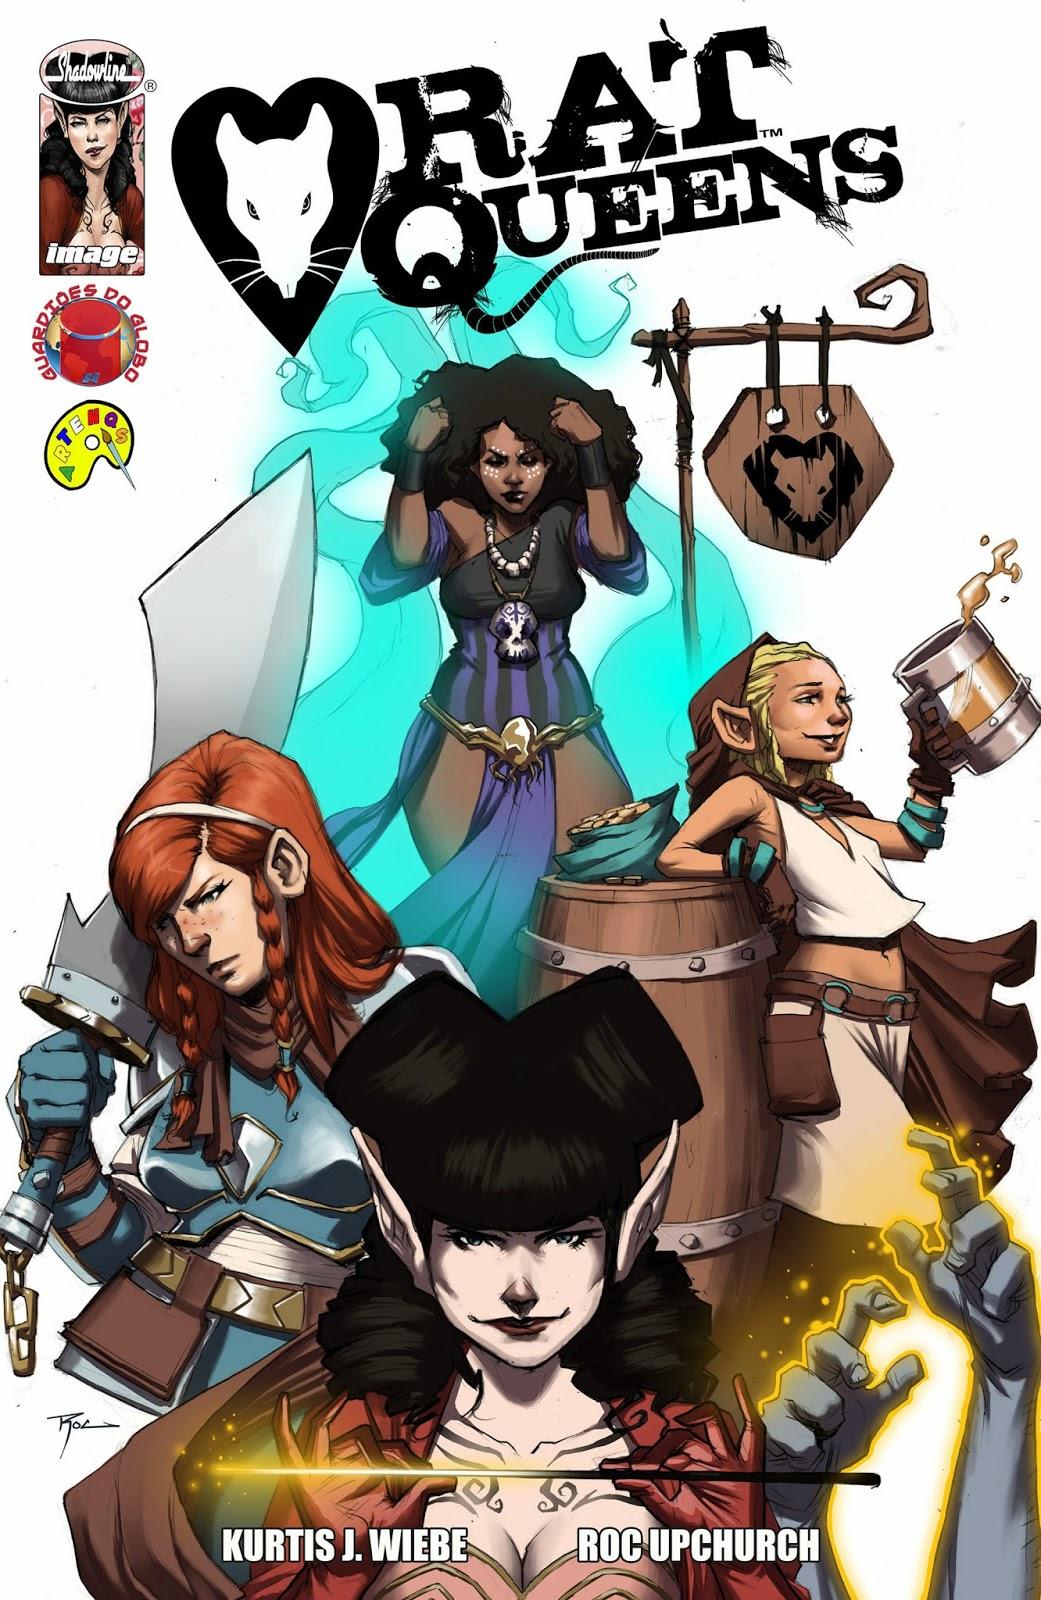 melhores hqs image comics rat queens